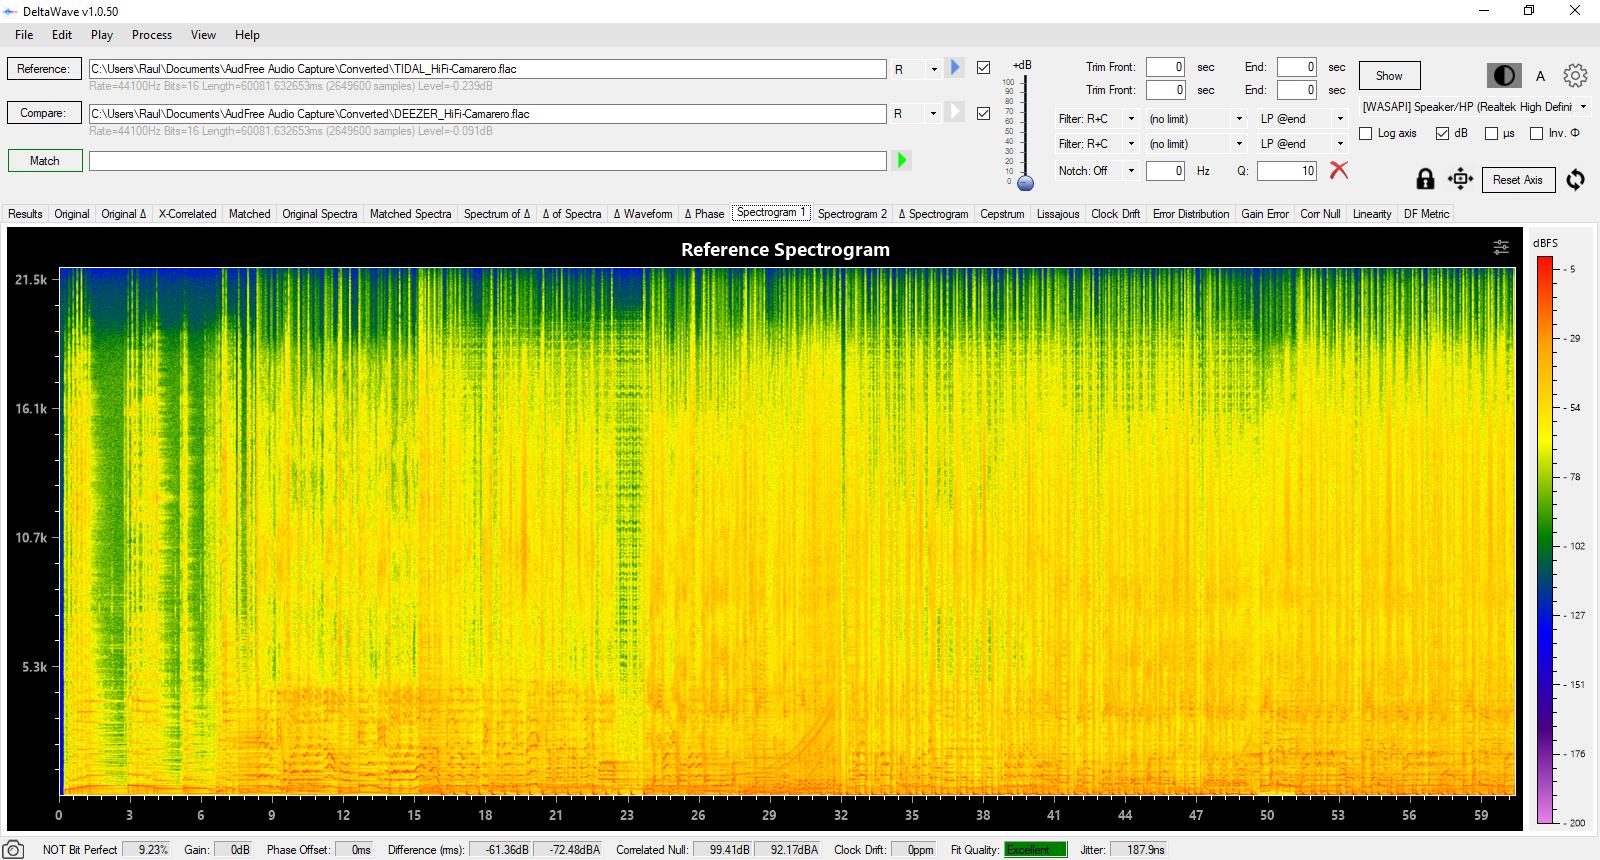 TIDAL_HiFi-Camarero_Spectrogram.png